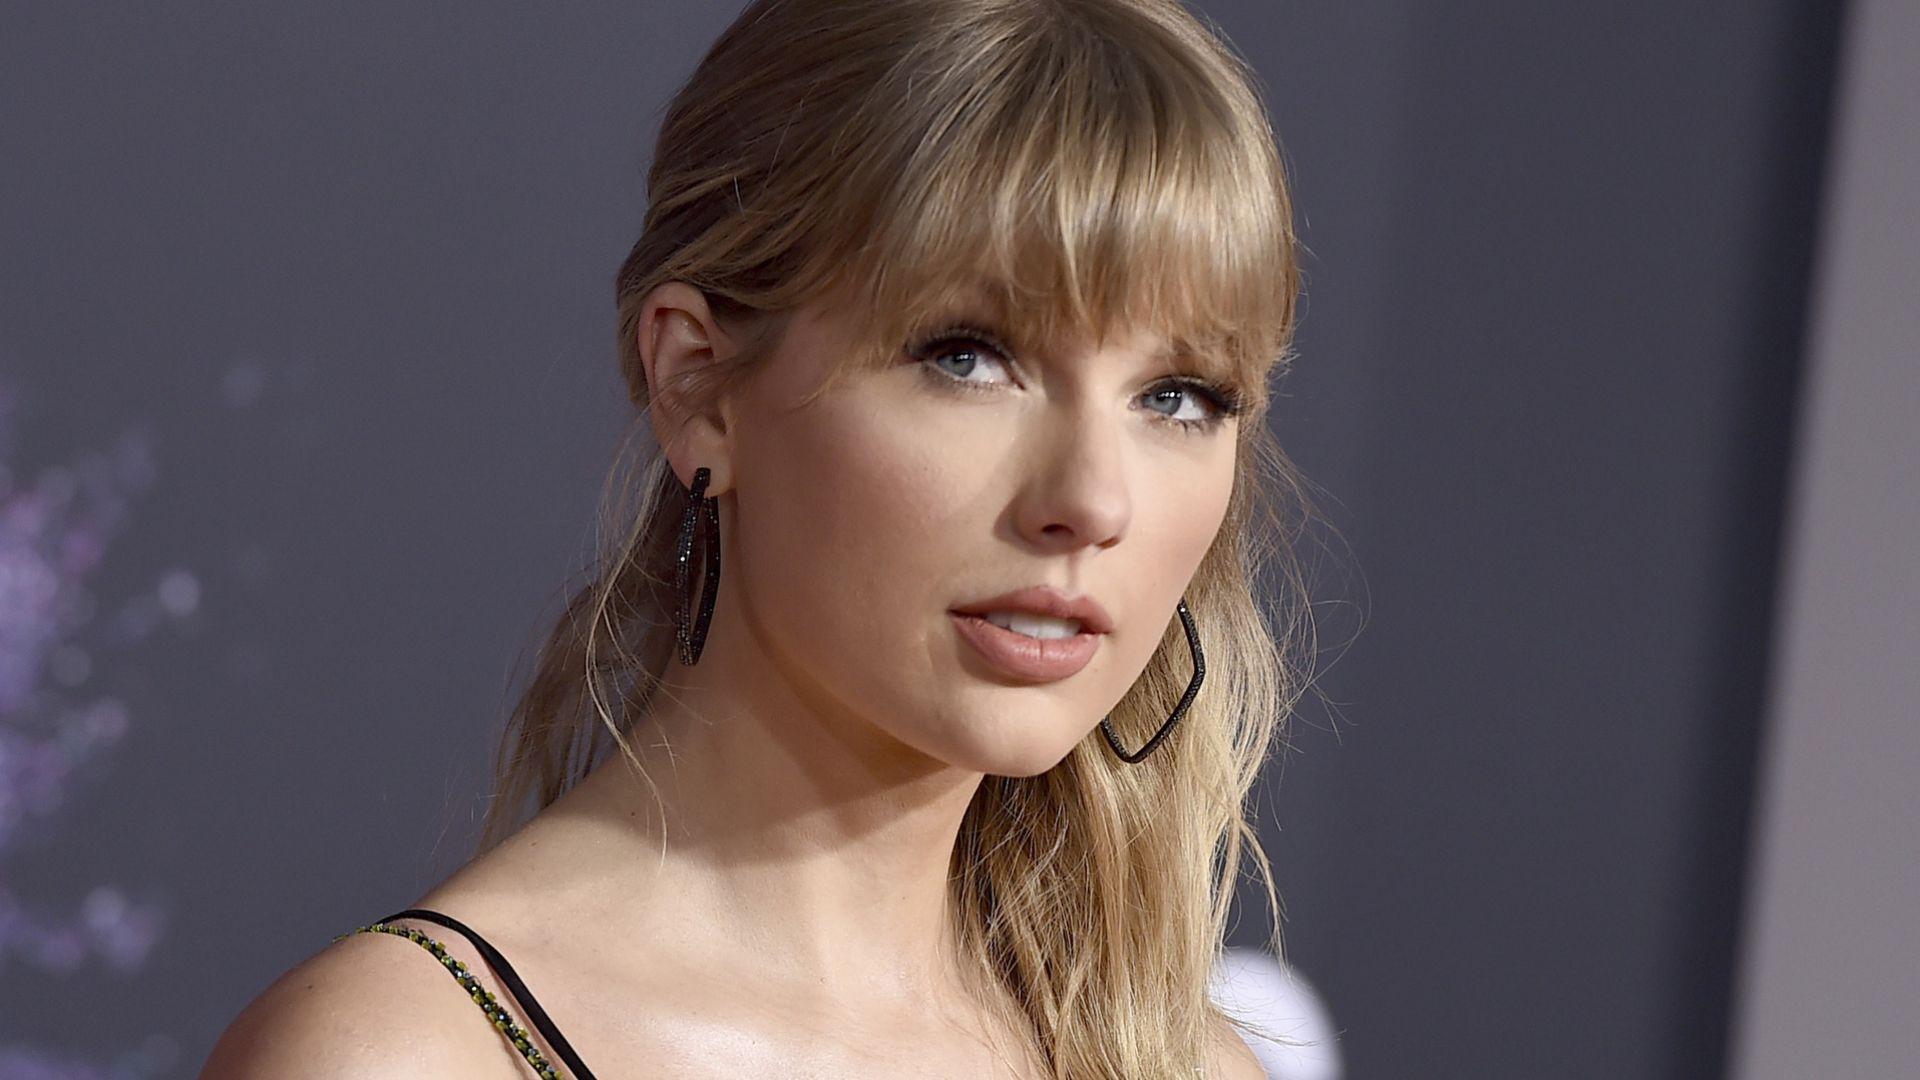 Тейлър Суифт триумфира на Американските музикални награди, но не присъства на церемонията